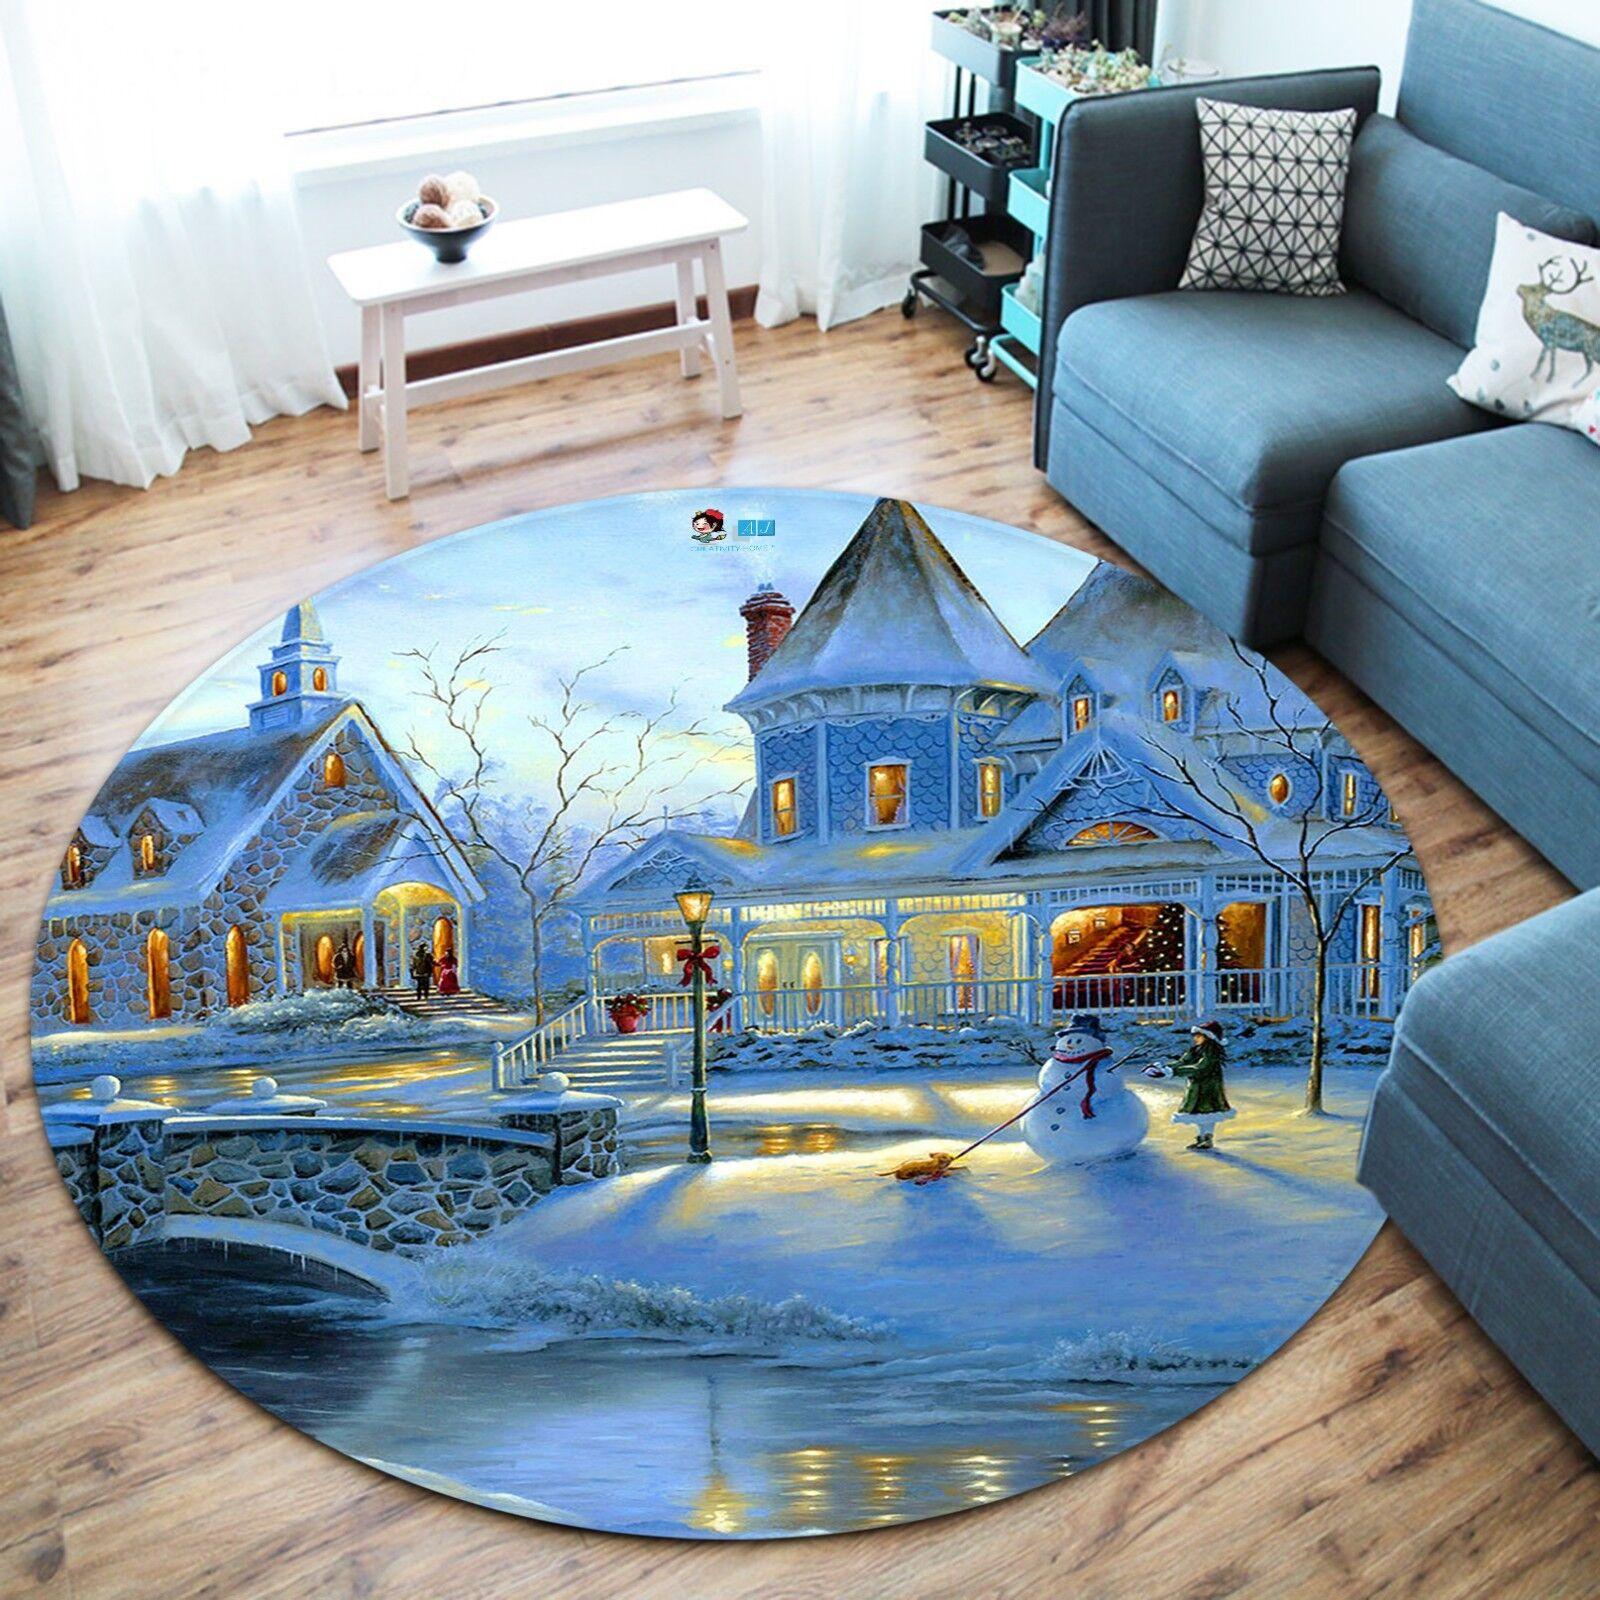 3D Weihnachten Xmas 140 Rutschfest Rutschfest Rutschfest Teppich Matte Raum Runden Elegant Teppich DE 99397e